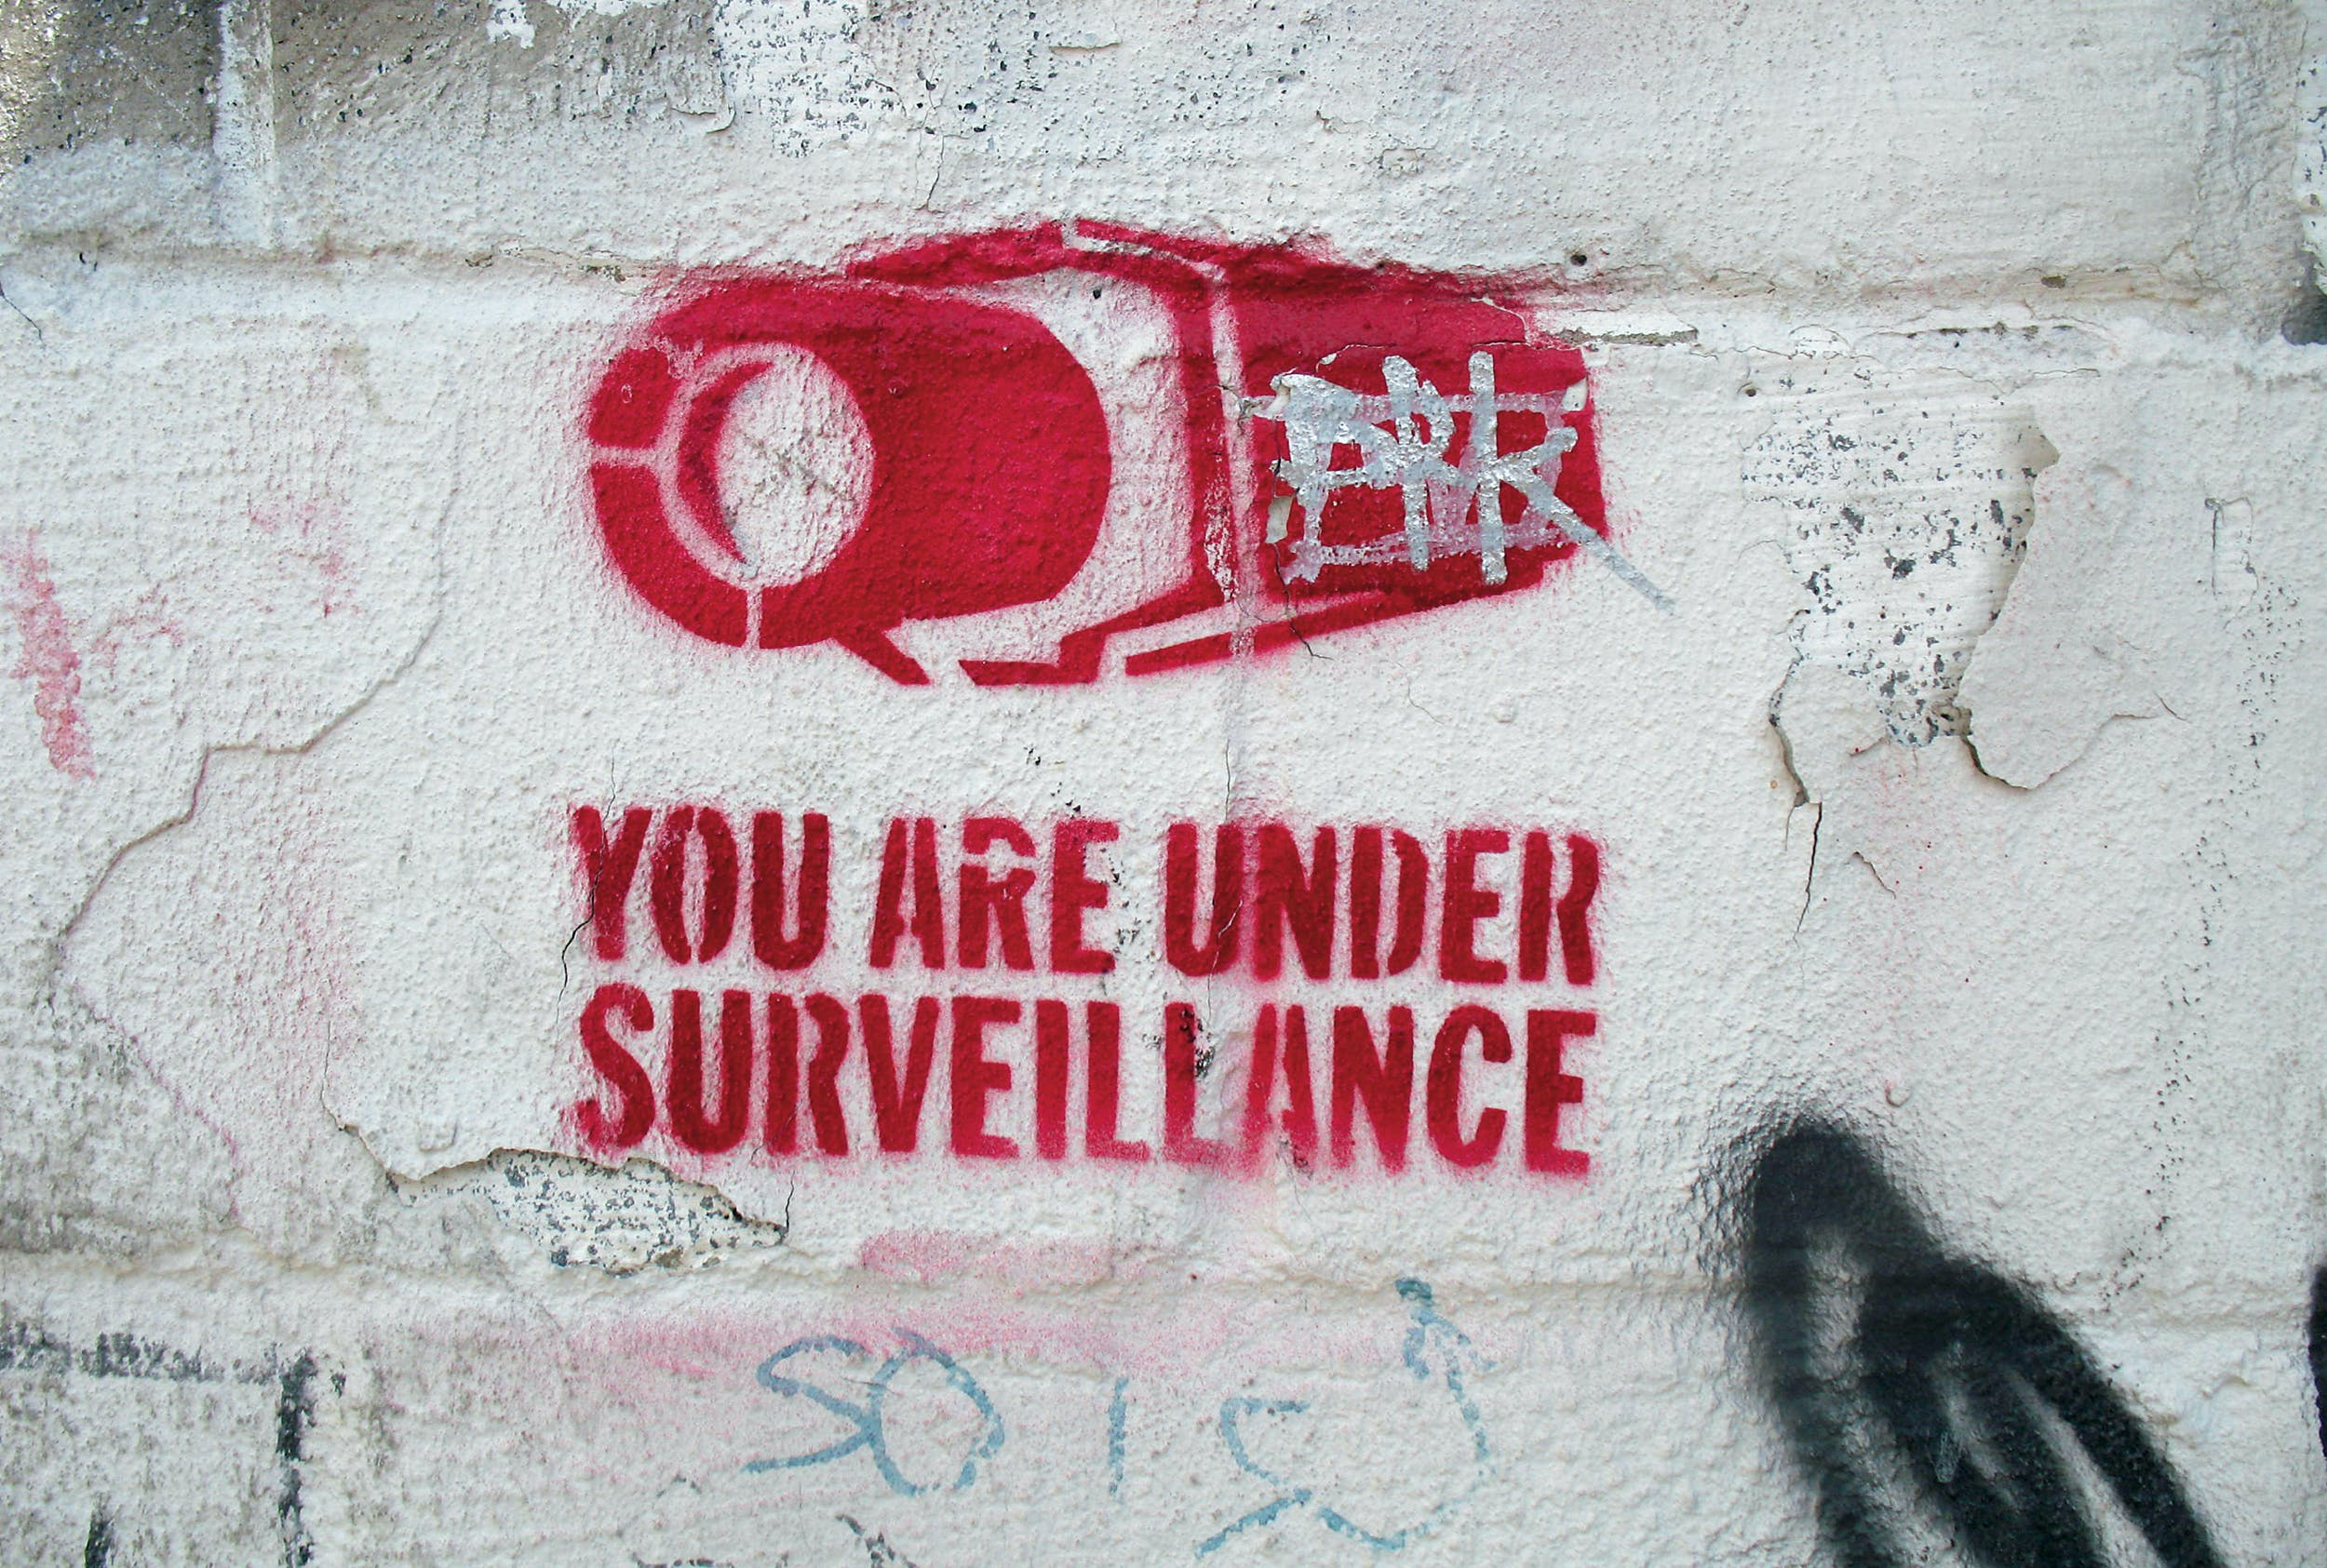 surveillance-fullwidth